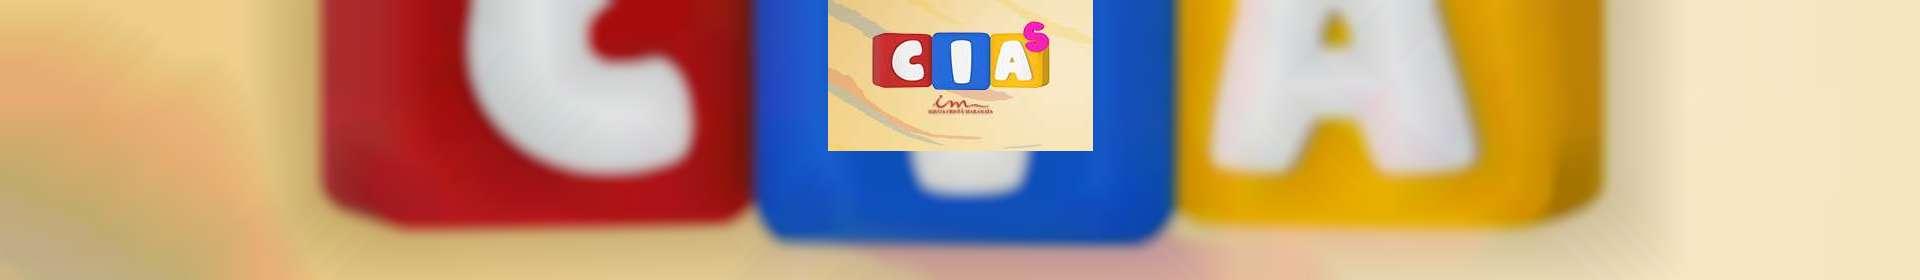 Aula de CIAS: classe de 0 a 3 anos e gestantes - 11 de junho de 2020